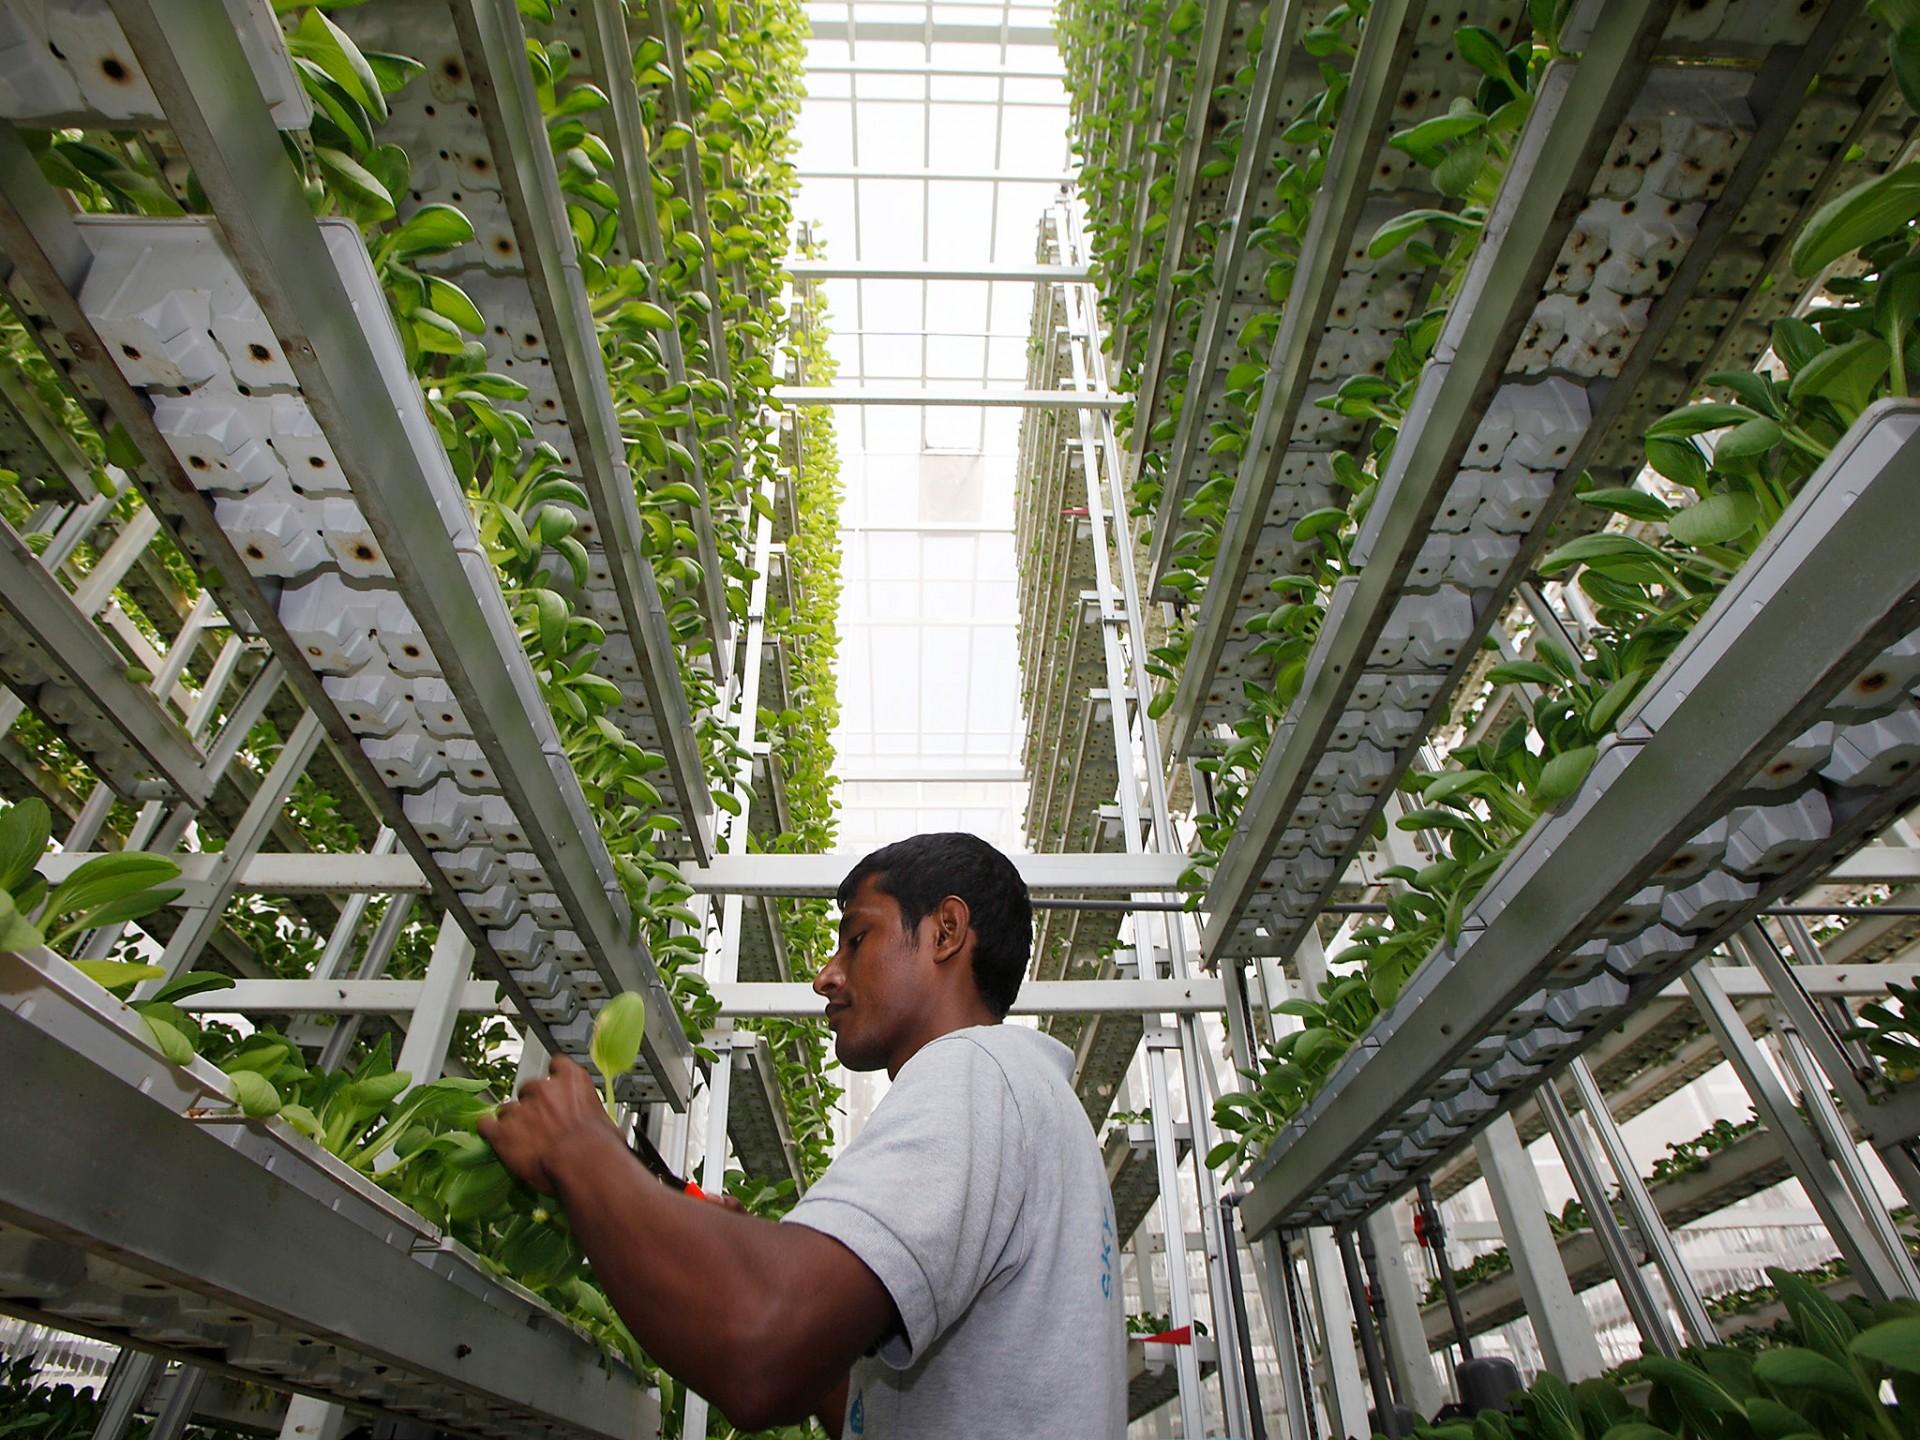 El papel de la agricultura vertical en la búsqueda de prácticas sostenibles